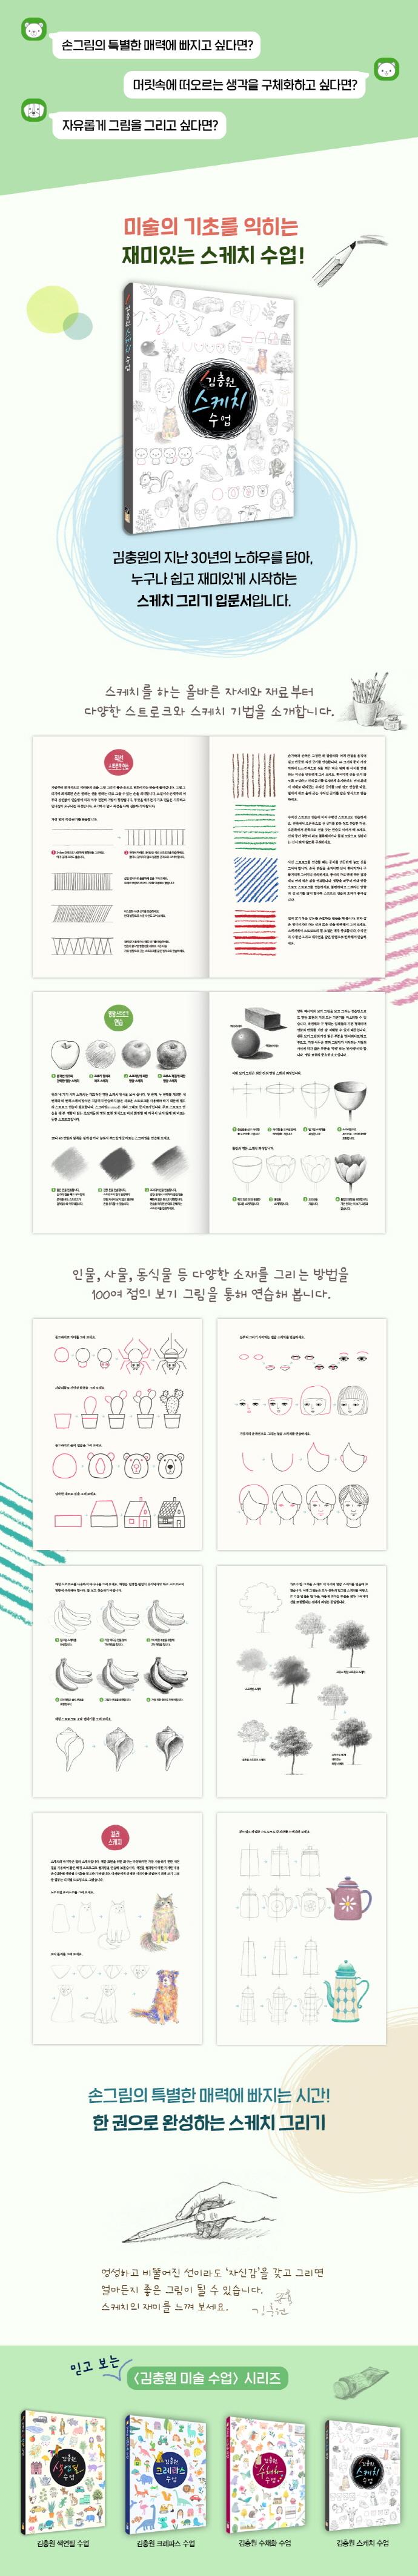 김충원 스케치 수업(누구나 쉽게 하는 김충원 미술 수업)(양장본 HardCover) 도서 상세이미지